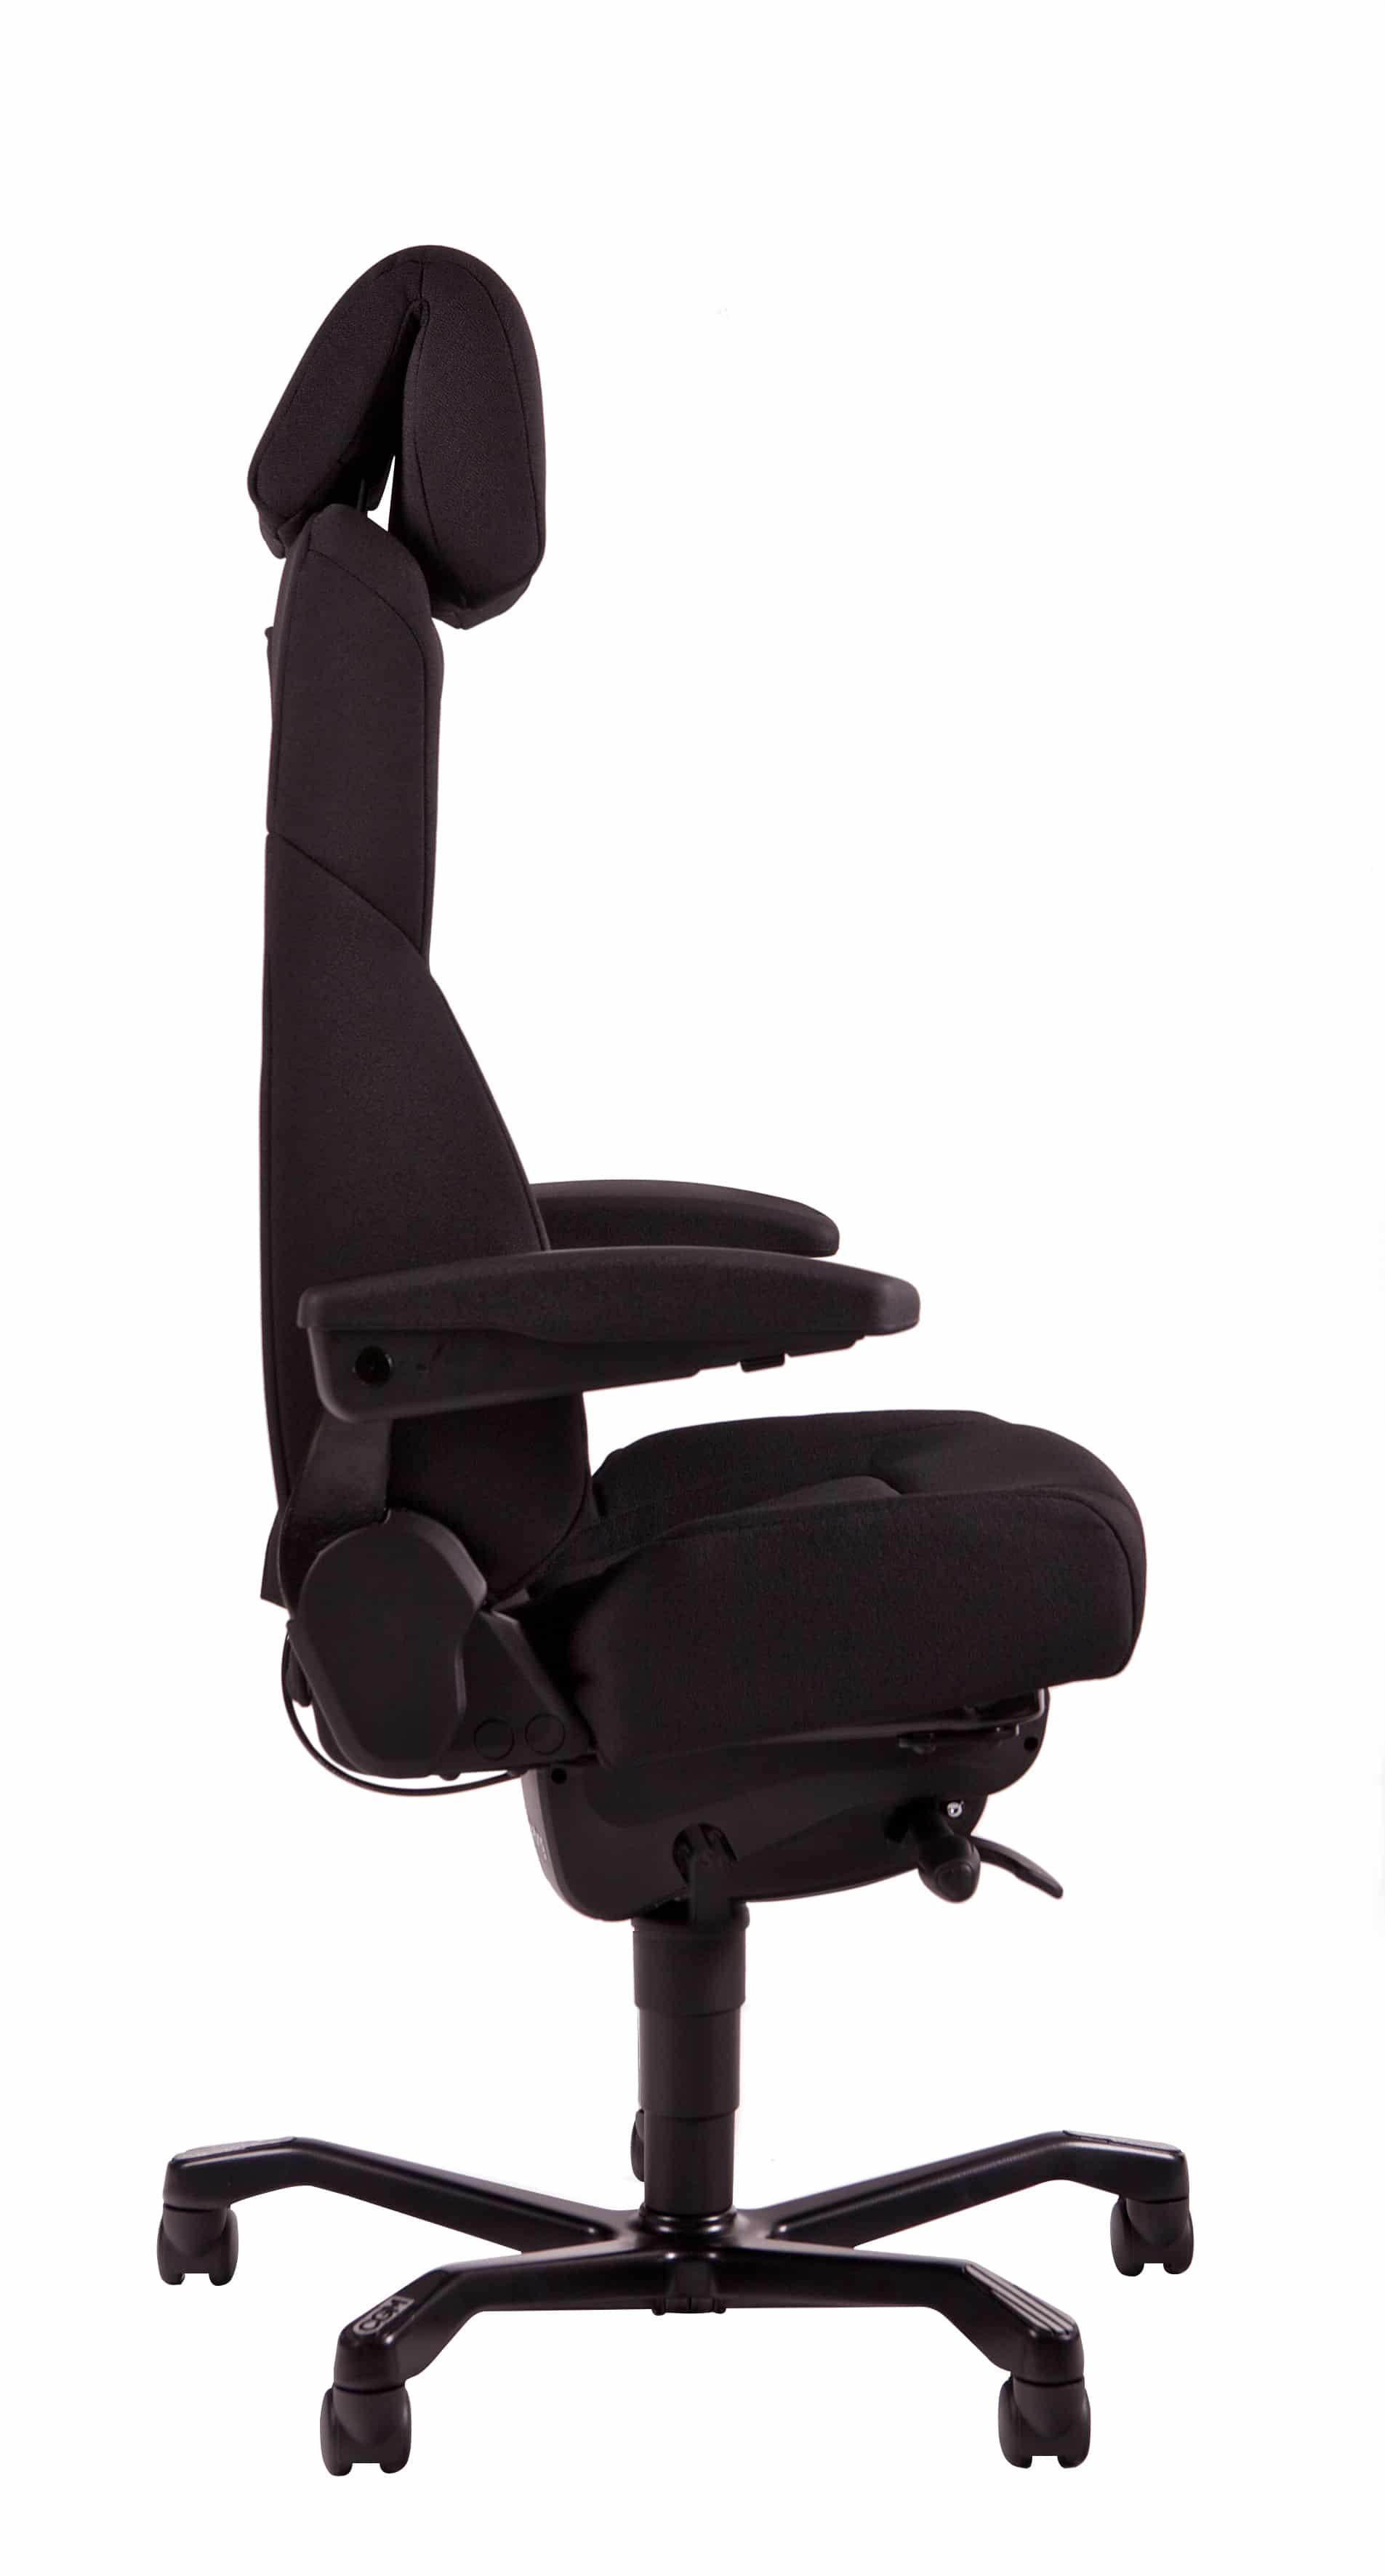 Huislijn Serie 24/7 KAB // Seating [2]